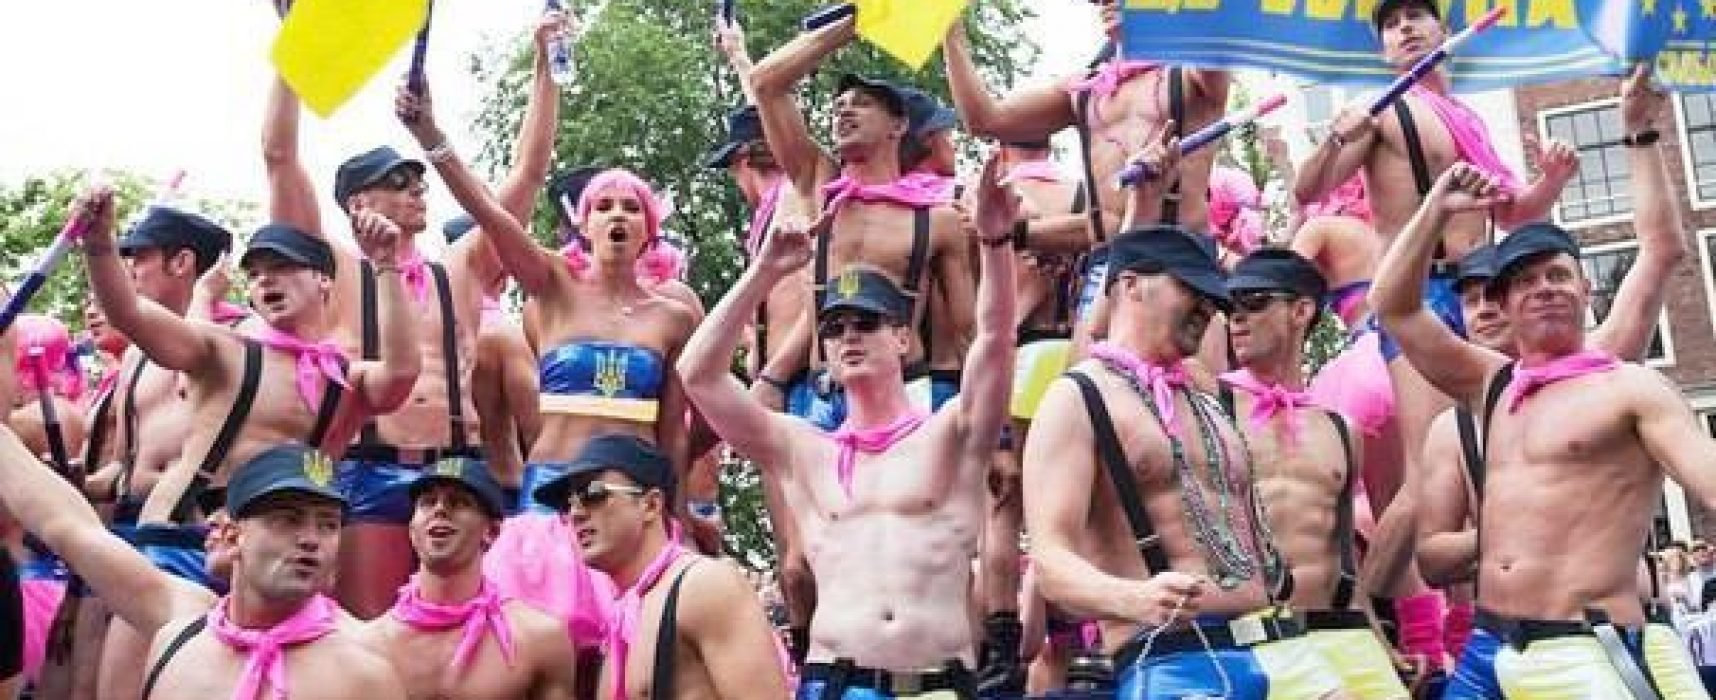 Blondet, un Fake omofobico contro l'Ucraina di cattivissimo gusto